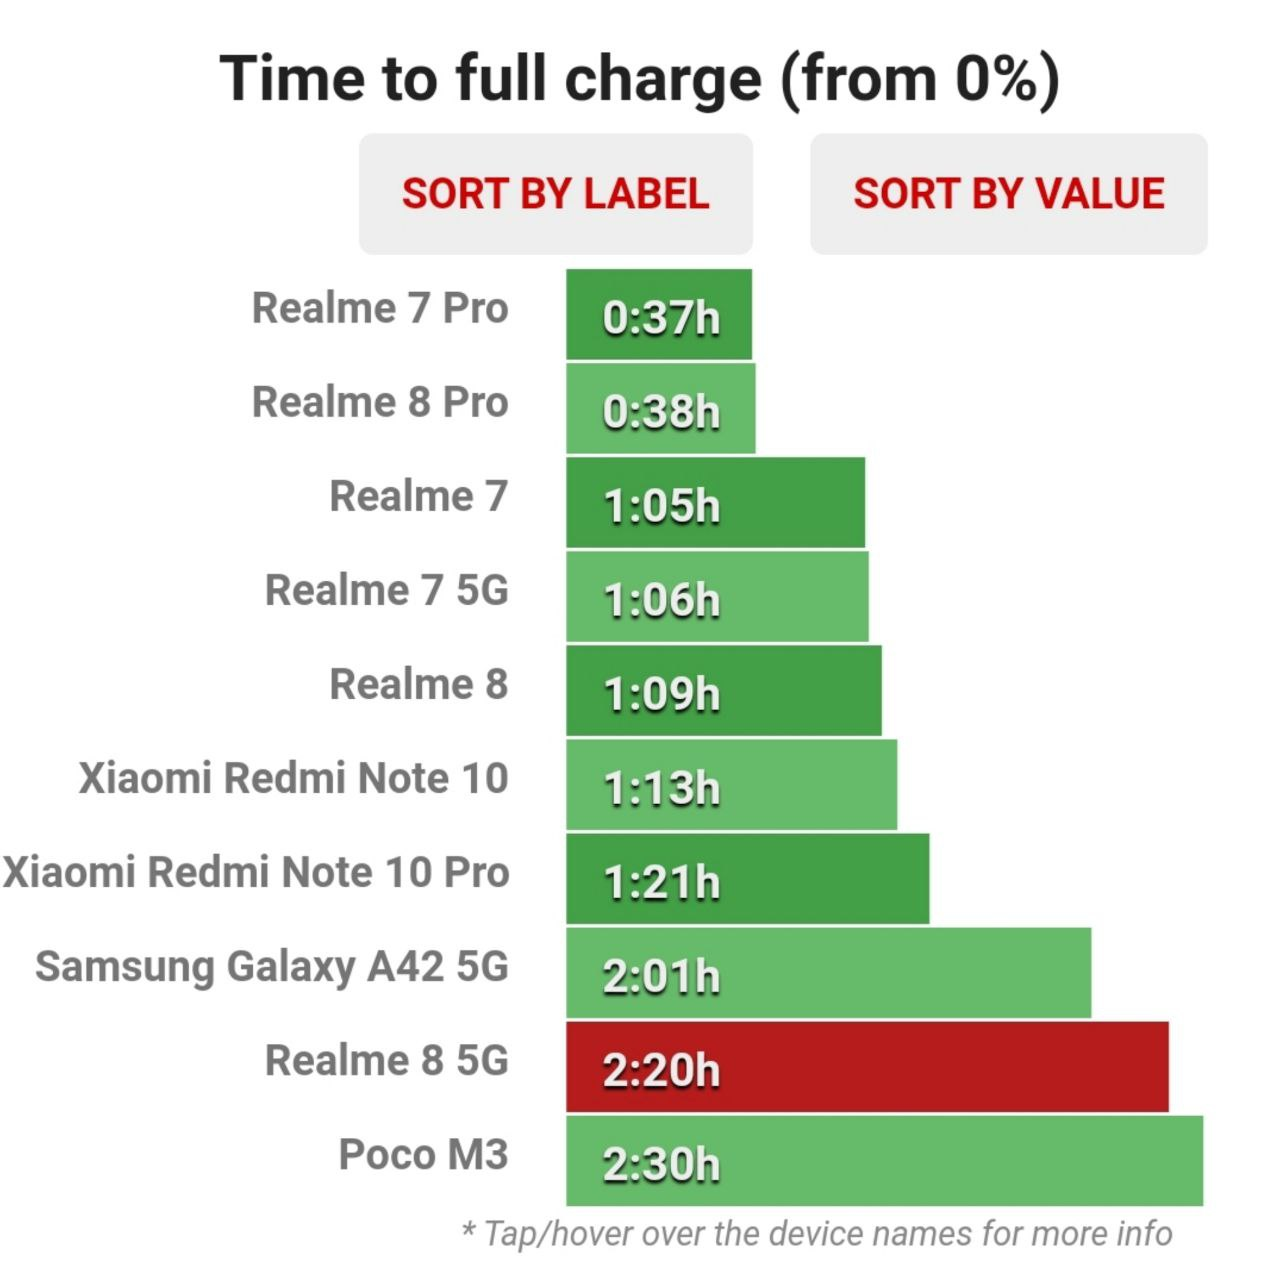 زمان تکمیل ظرفیت شارژ باتری Realme 8 5G